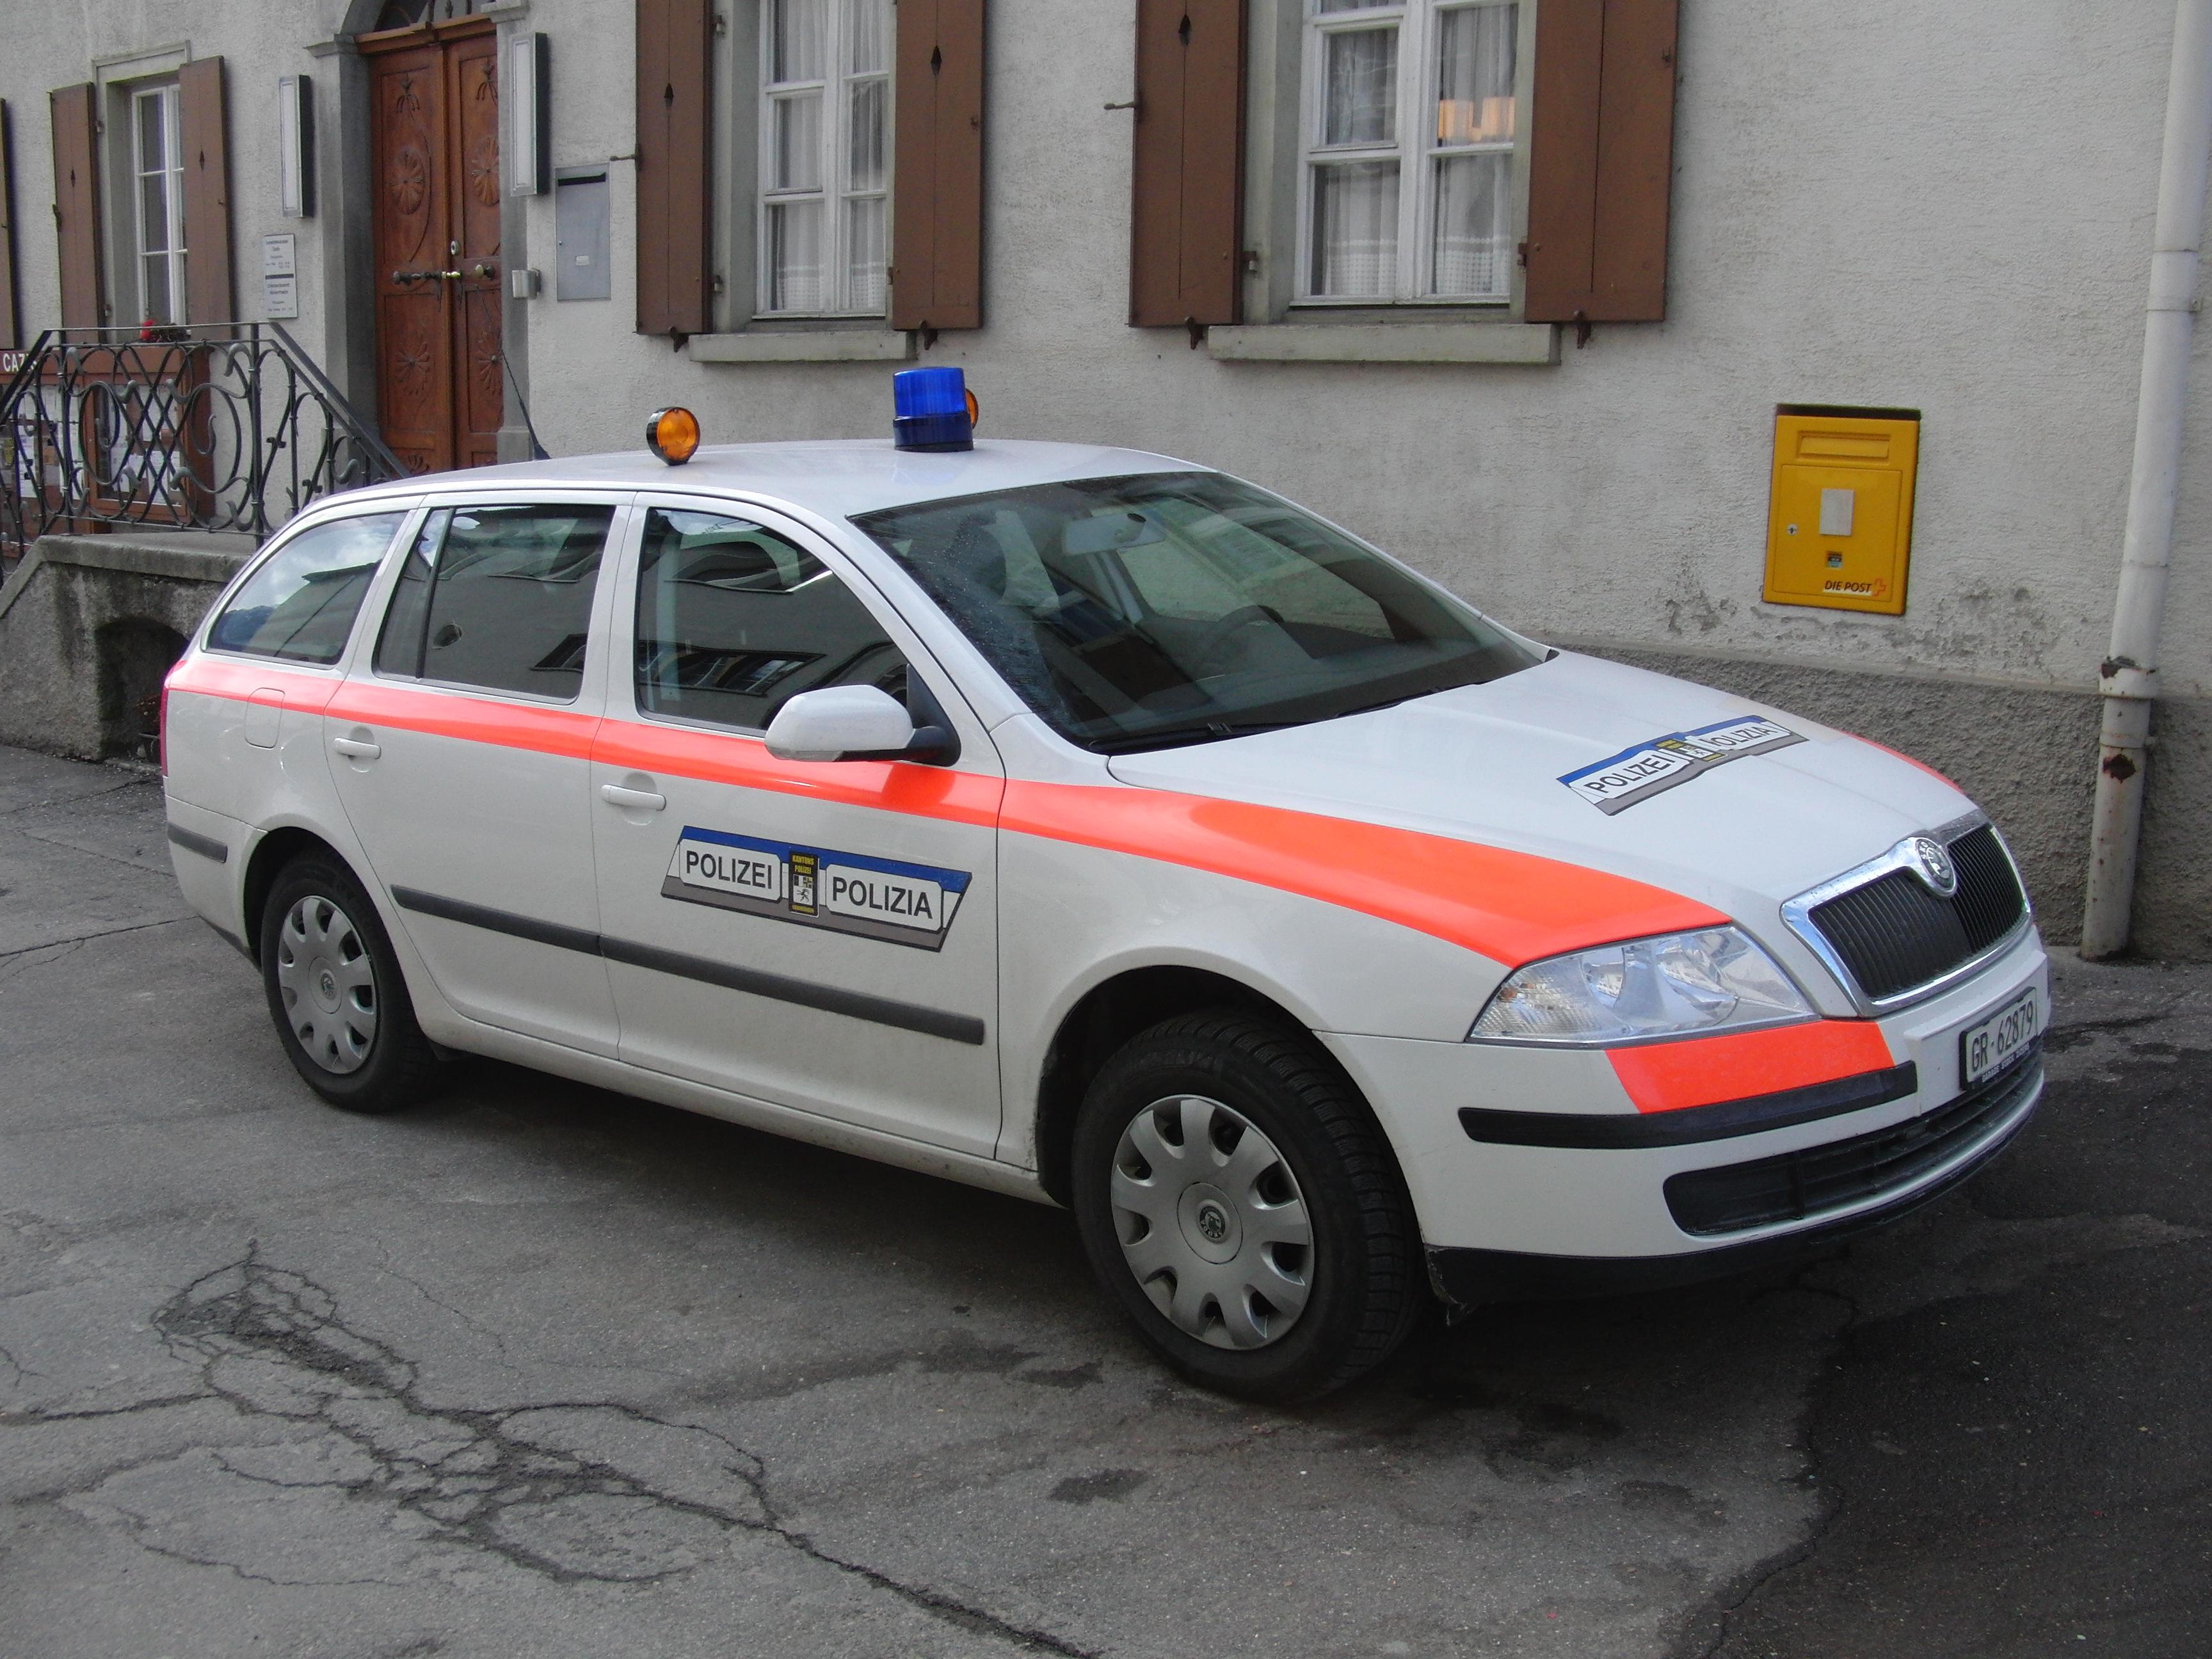 Die Einbrüche fanden zwischen August und Oktober 2012 in Andeer, Lostallo, Leggia, Misox (Mesocco), Summaprada (Gemeinde Cazis) und Thusis statt. (Archivfoto: Kapo Graubünden vor dem Gemeindehaus Cazis)